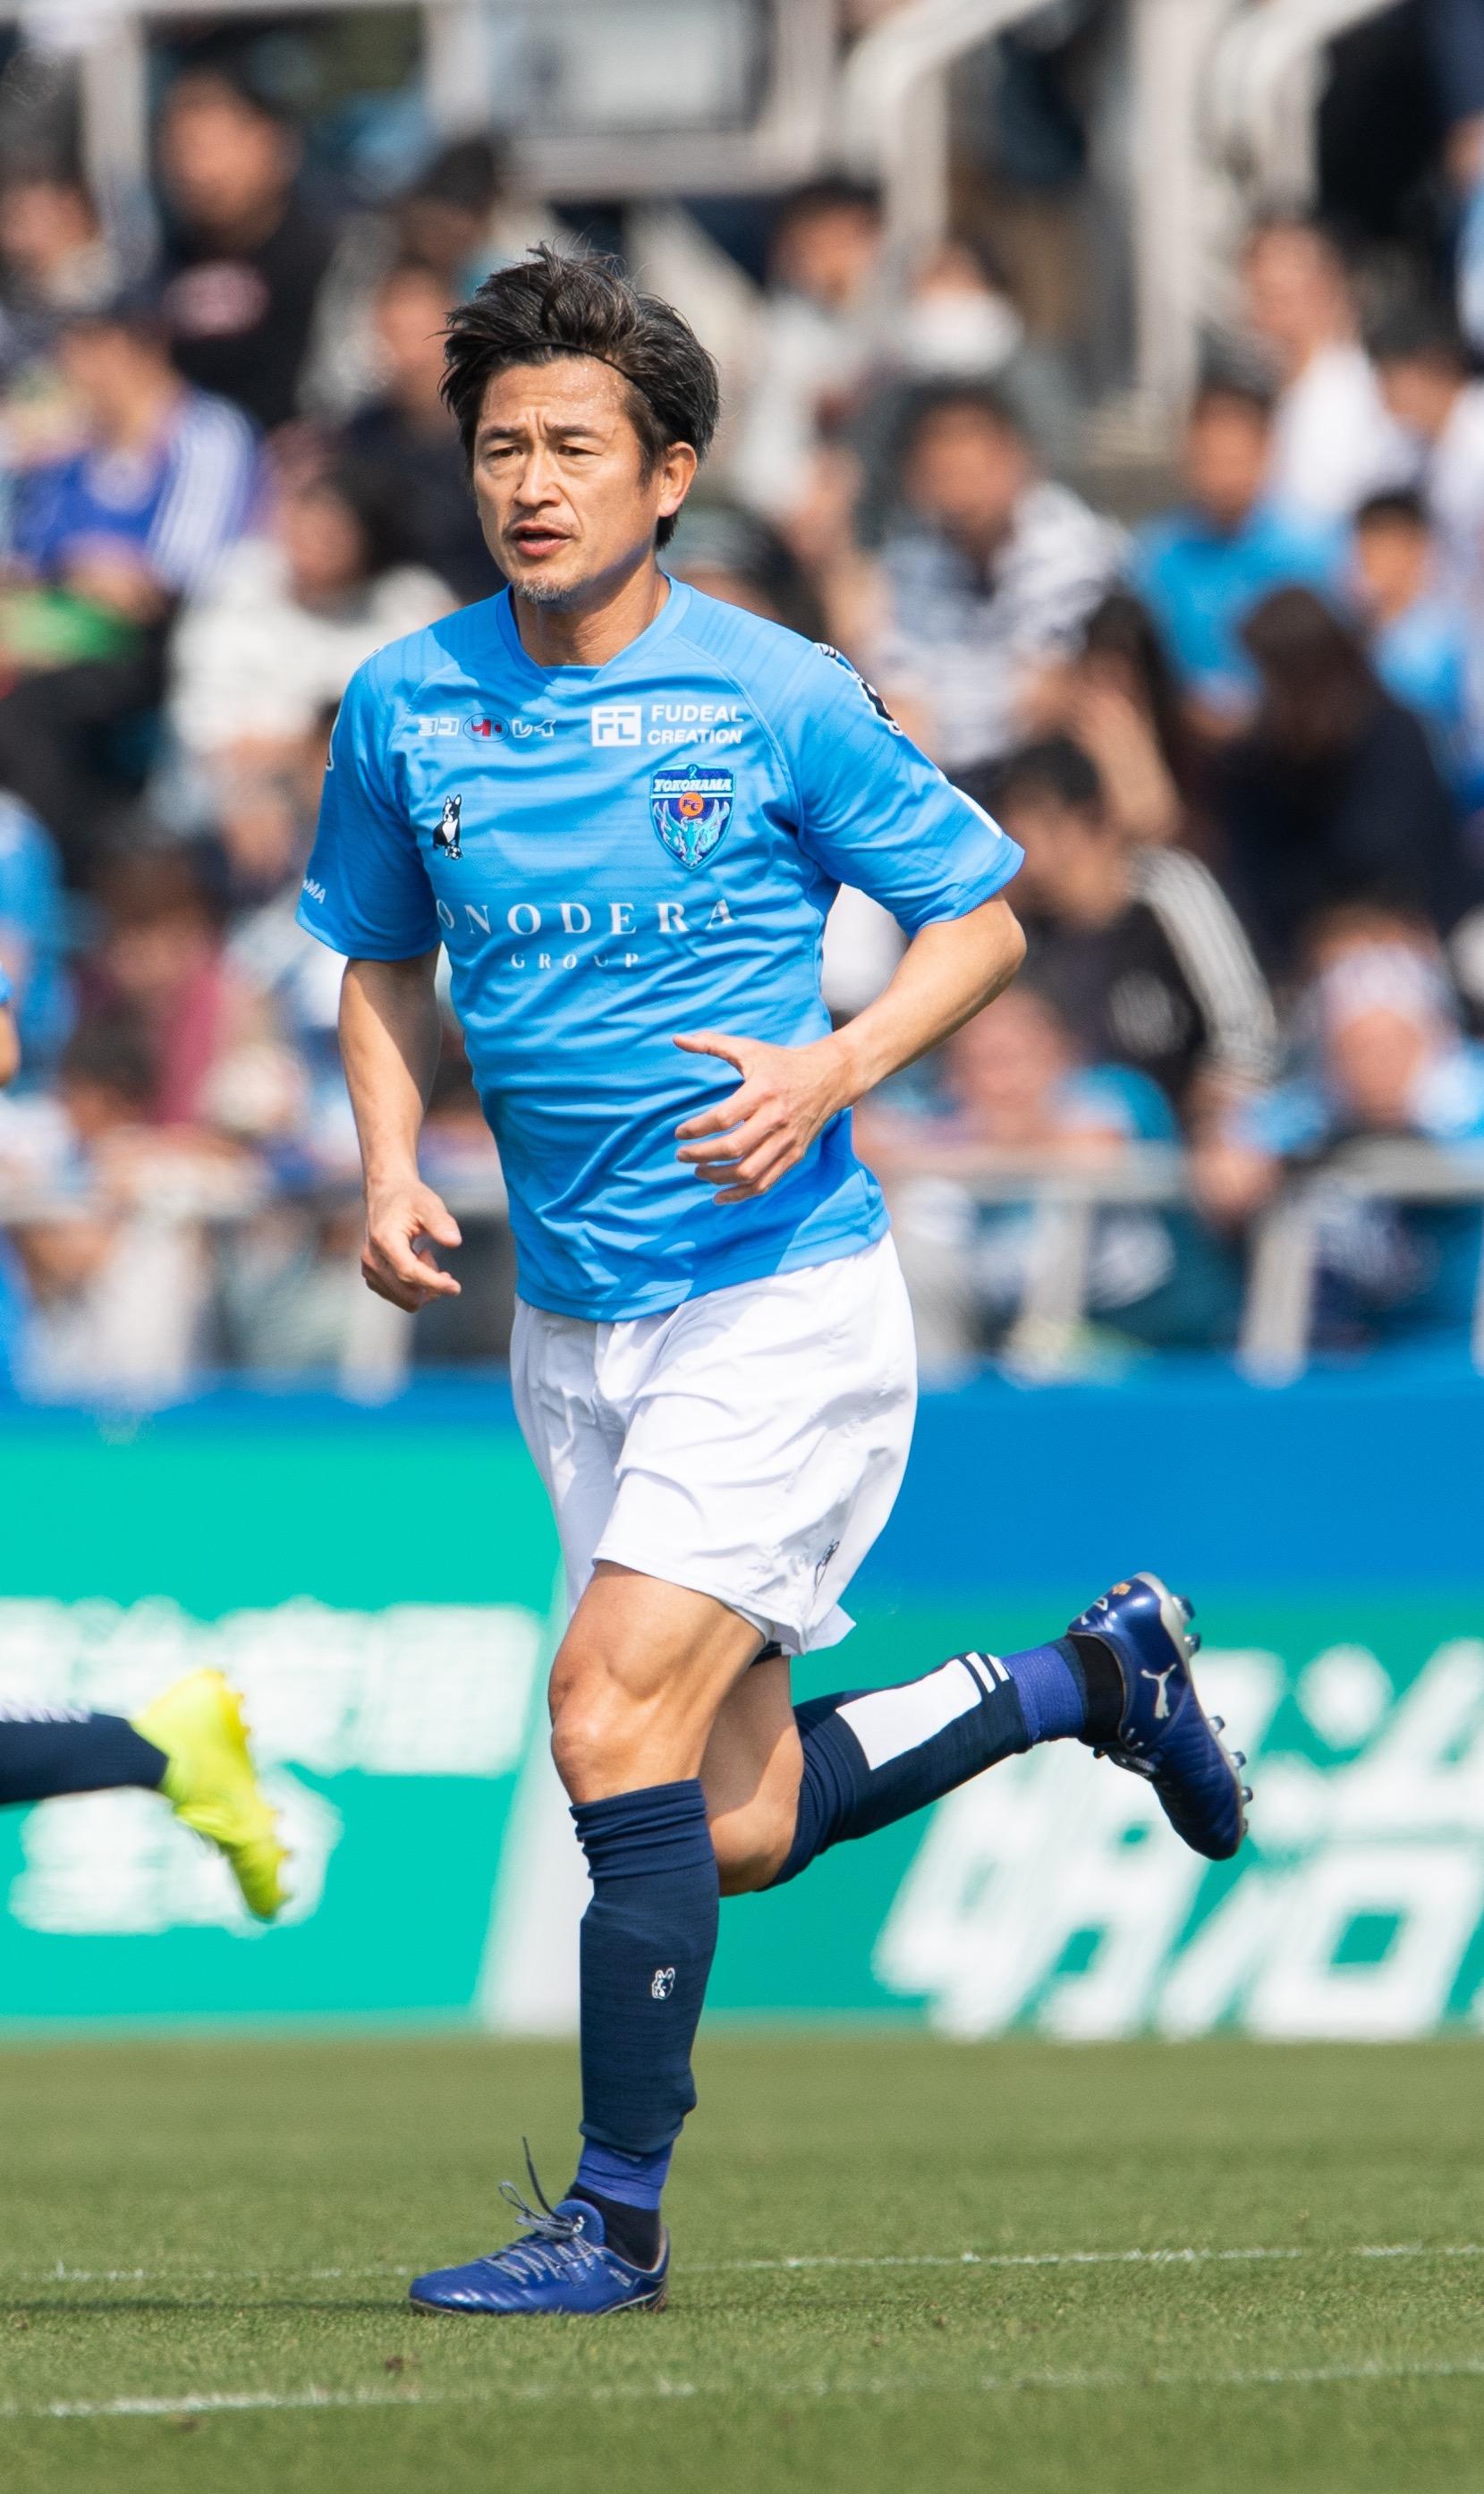 【選手直筆サイン入り公式】横浜FC 2019ユニフォーム2ndユニフォーム     三浦知良 選手